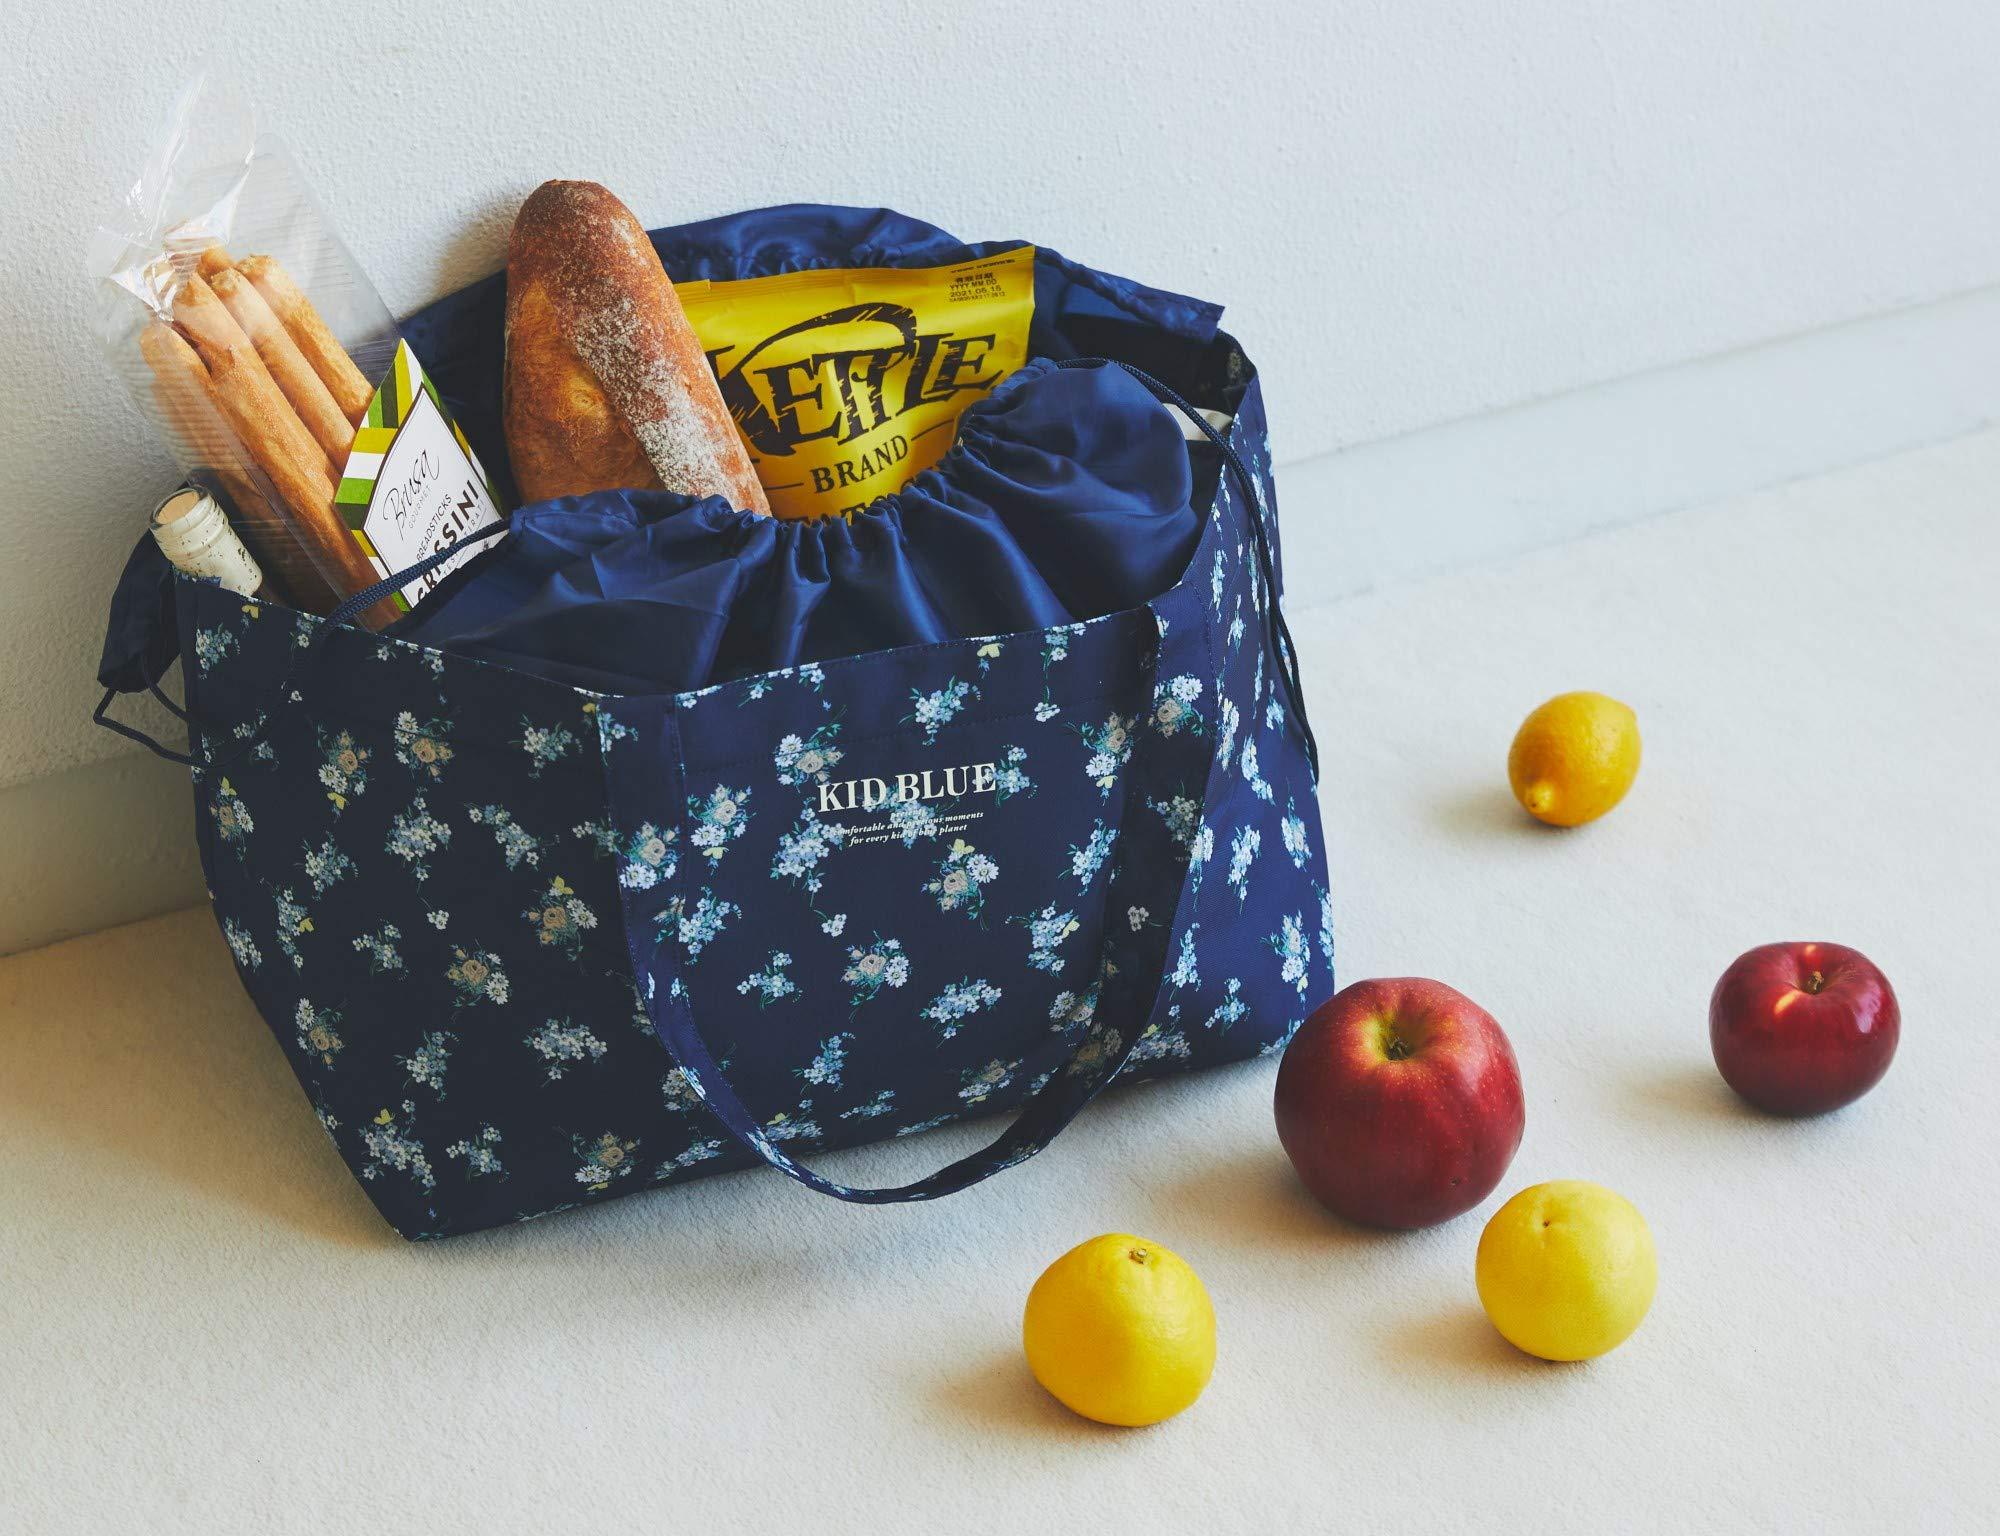 【KID BLUE(キッドブルー) ムック本 2021】保冷ができるレジカゴサイズのショッピングバッグが好評発売中♡